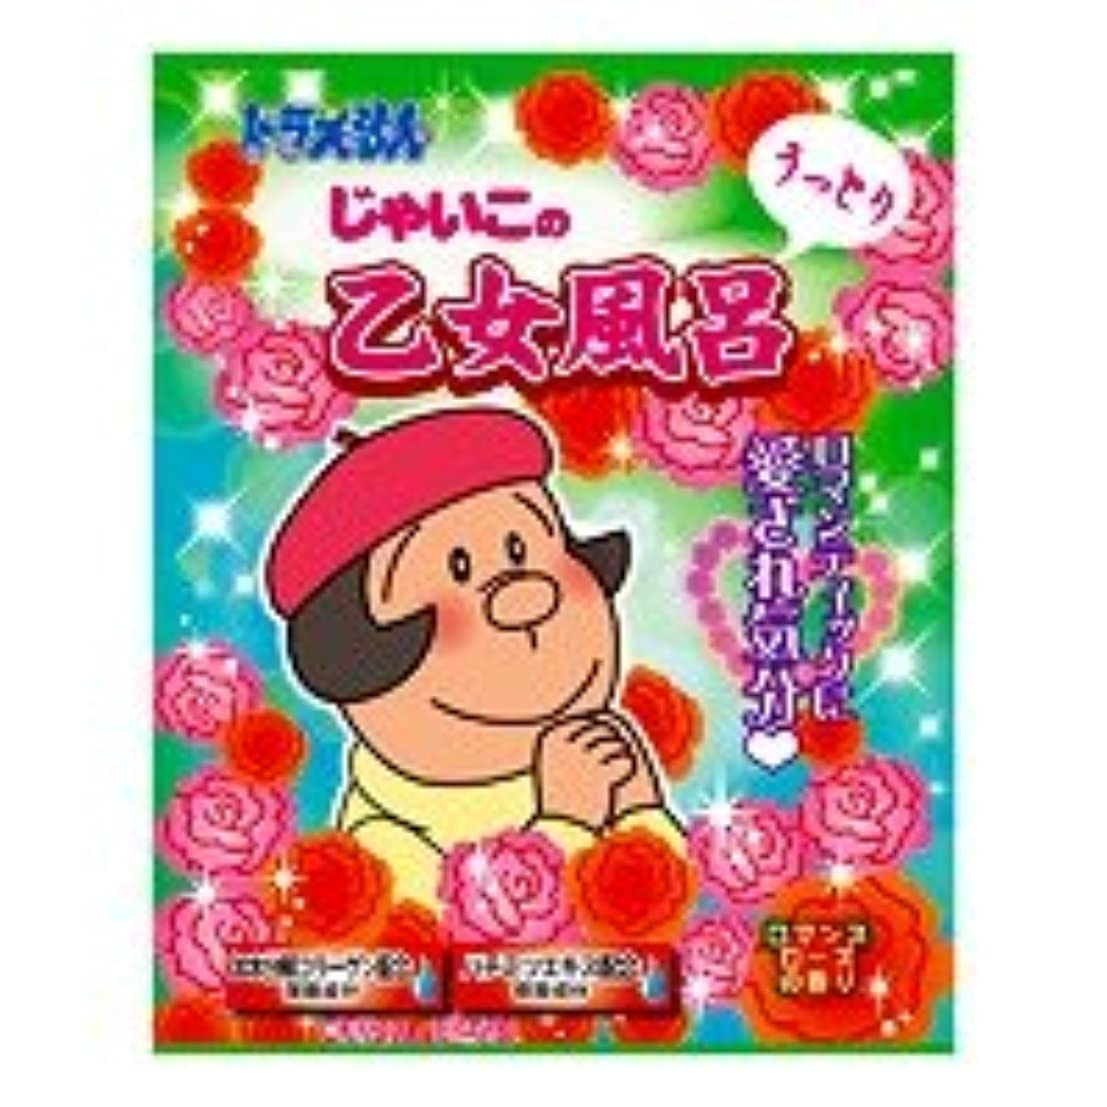 ドラえもんバスパウダー「じゃいこの乙女風呂」12個セット クリアーピンクのお湯 可憐で清楚なロマンスローズの香り